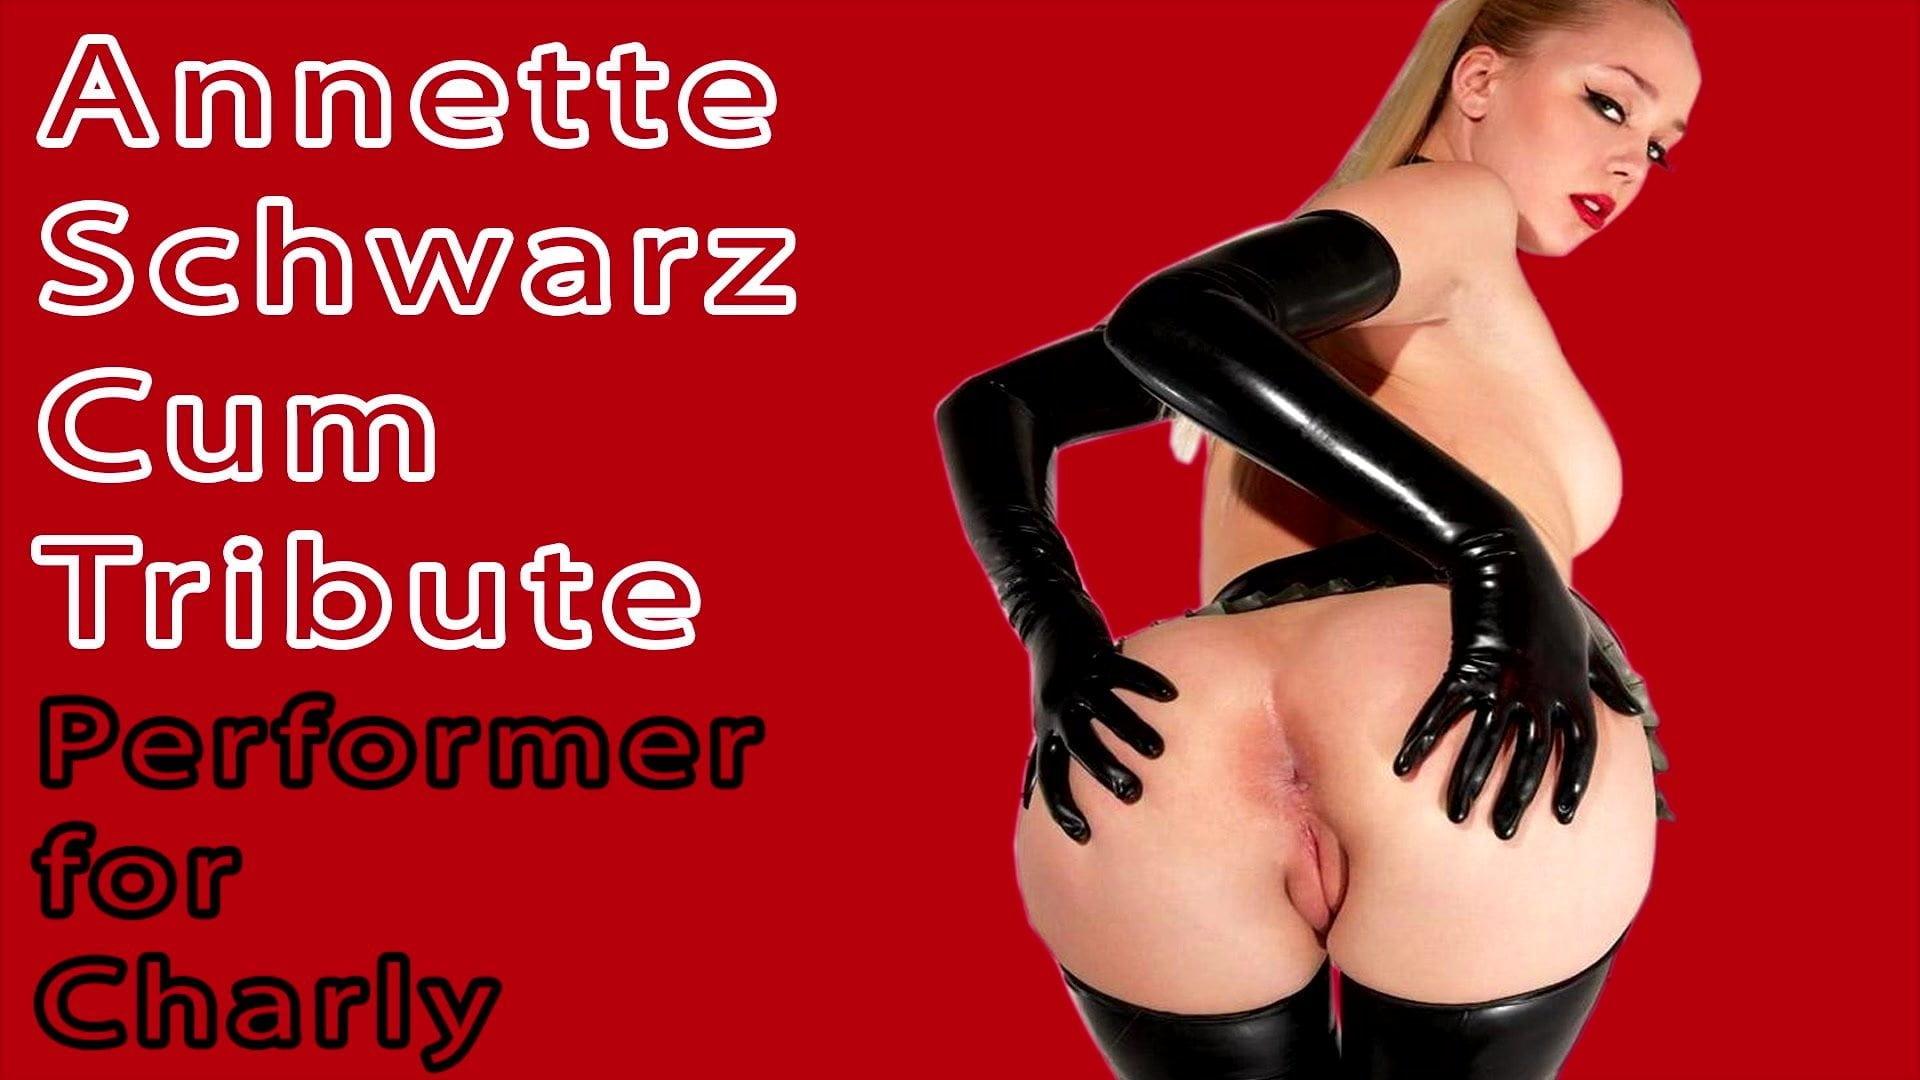 Anette Schwarz Videos annette schwarz pornstar cum tribute(cum on video - cov)